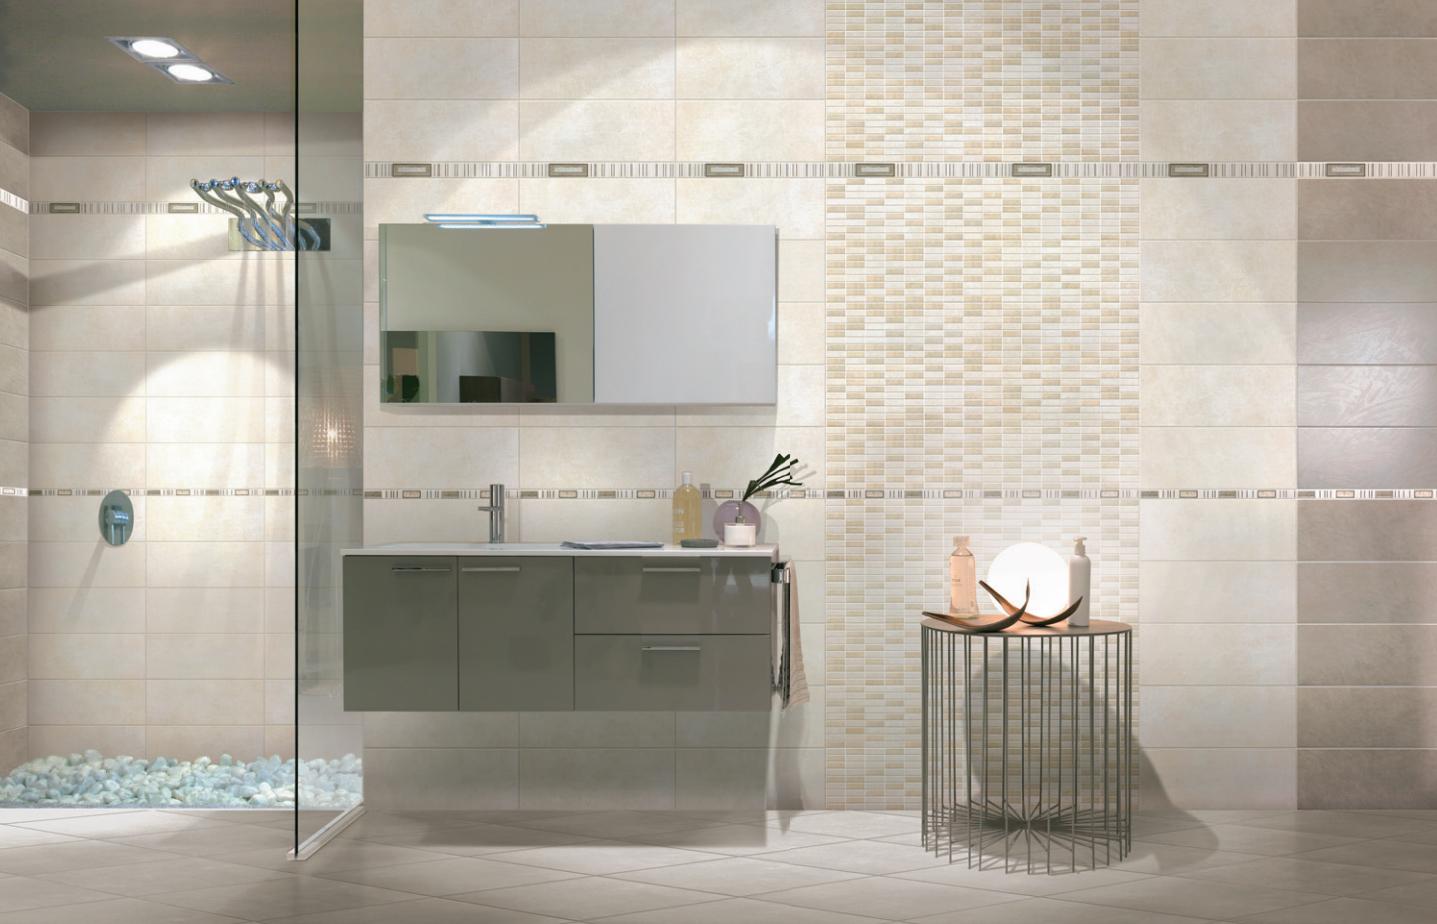 Piastrelle bagno nere e bianche idee per piastrelle bagno